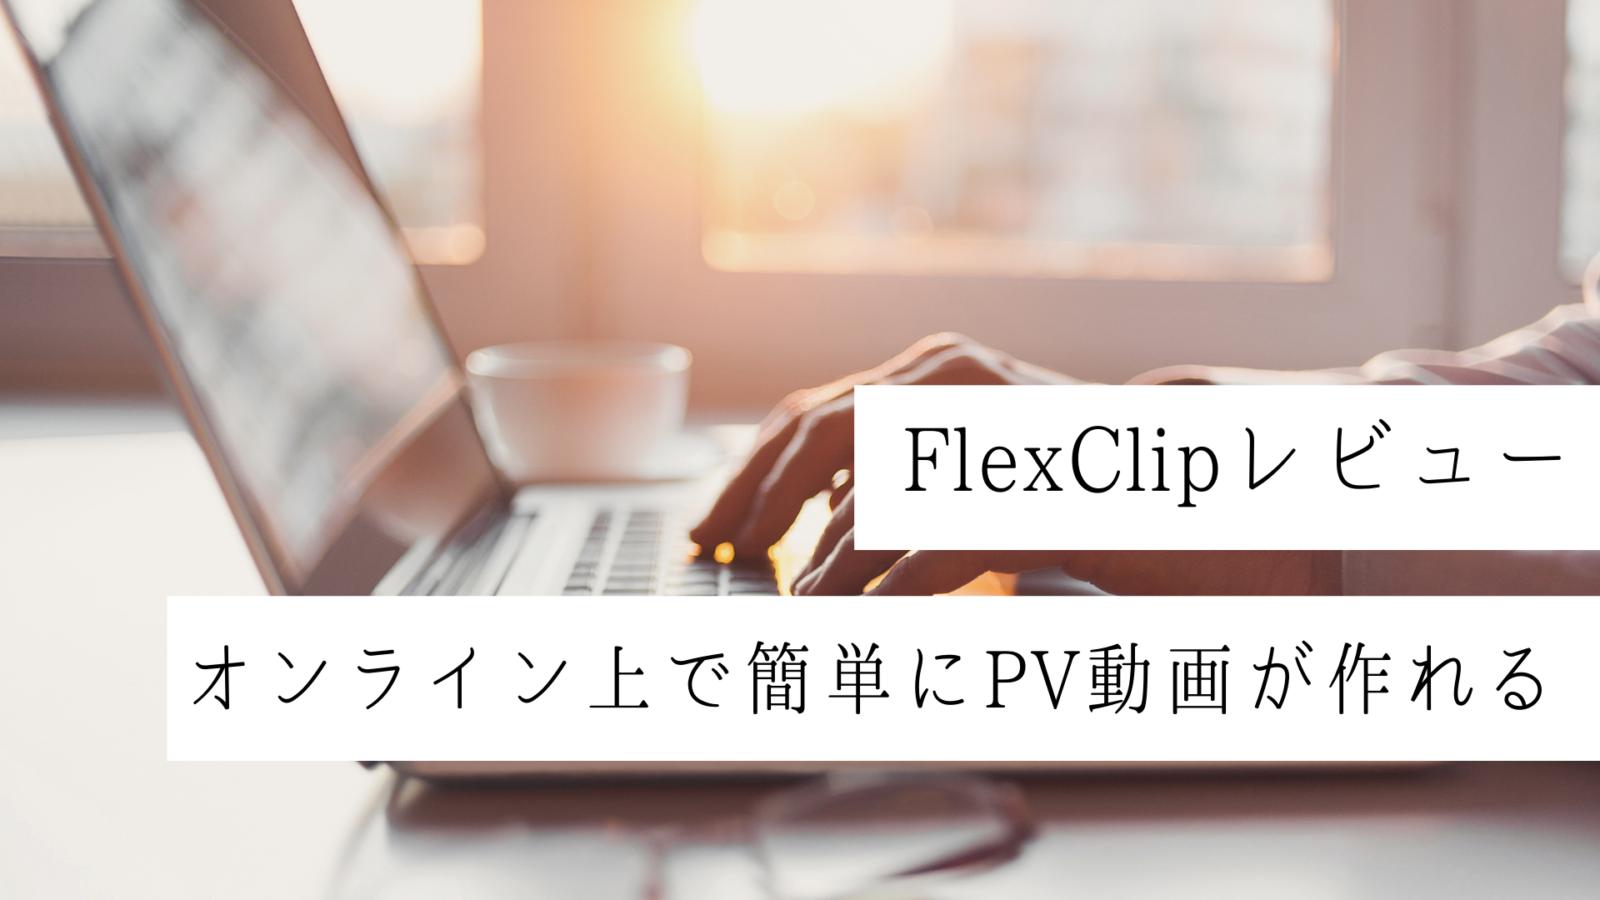 【FlexClipレビュー】プロモーションムービーが簡単に作れるWEBサービスを使ってみました